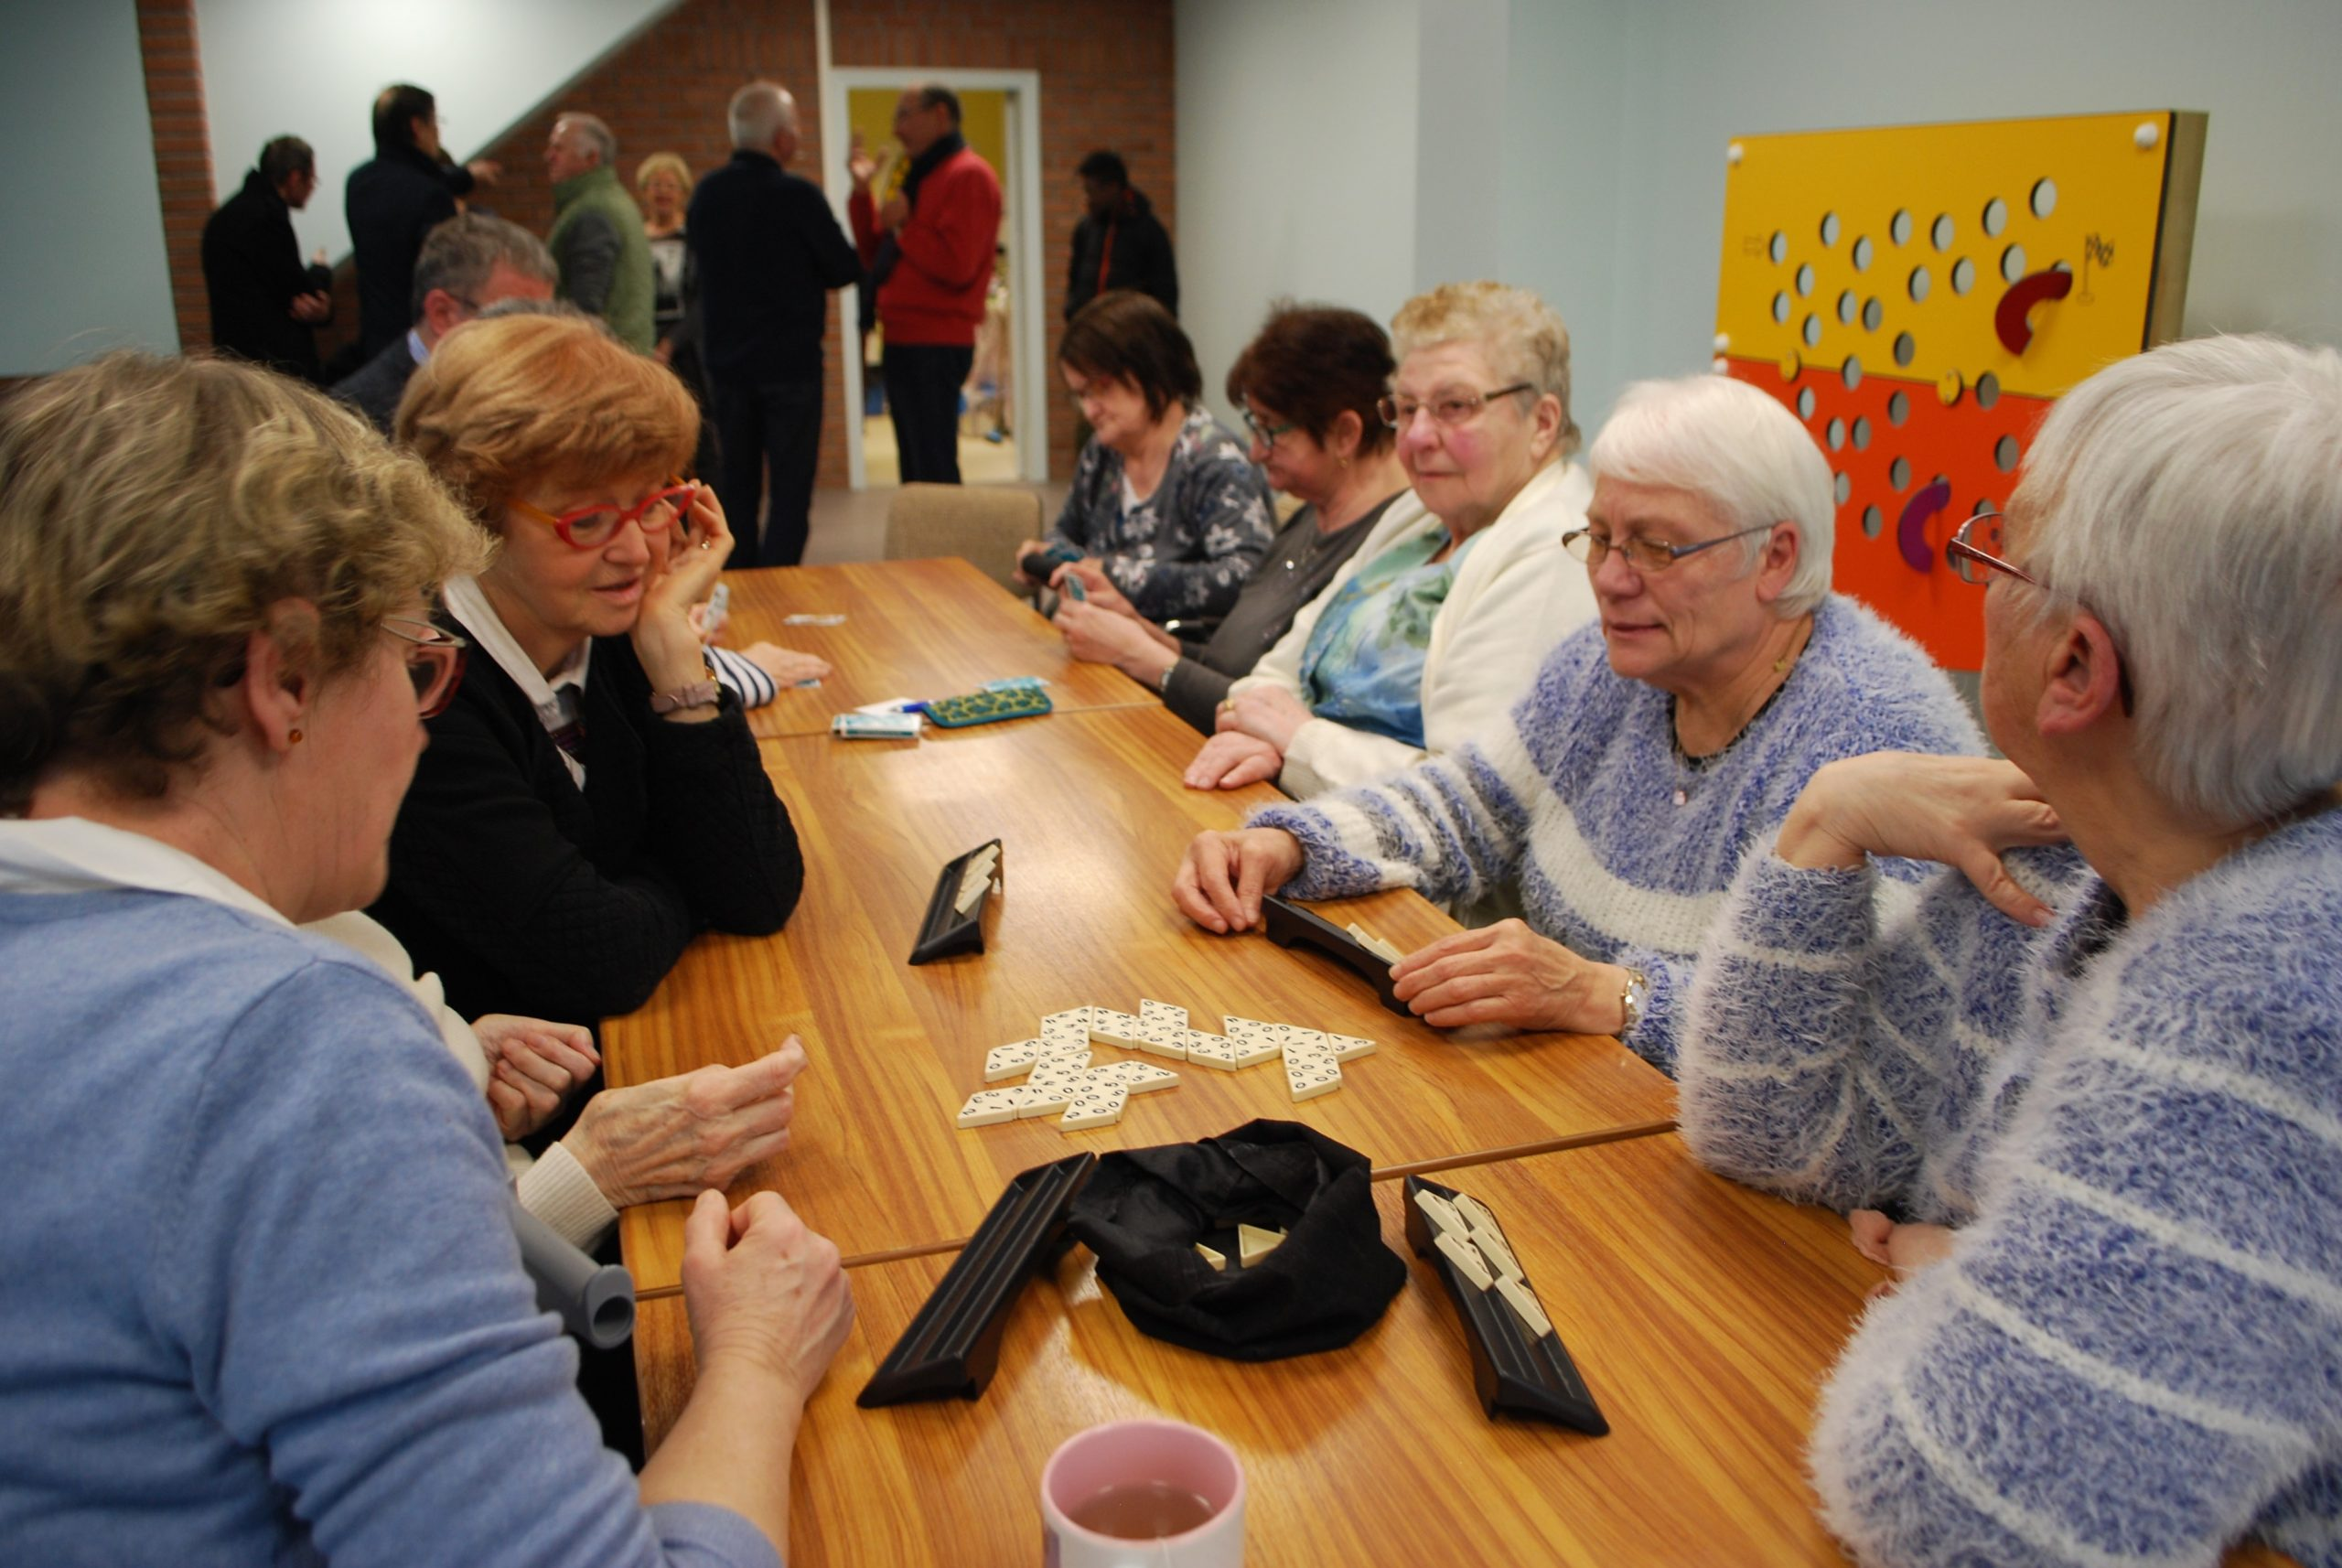 À Saint-Pol, la halte-répit Alzheimer retrouve sa salle d'accueil, réaménagée et agrandie